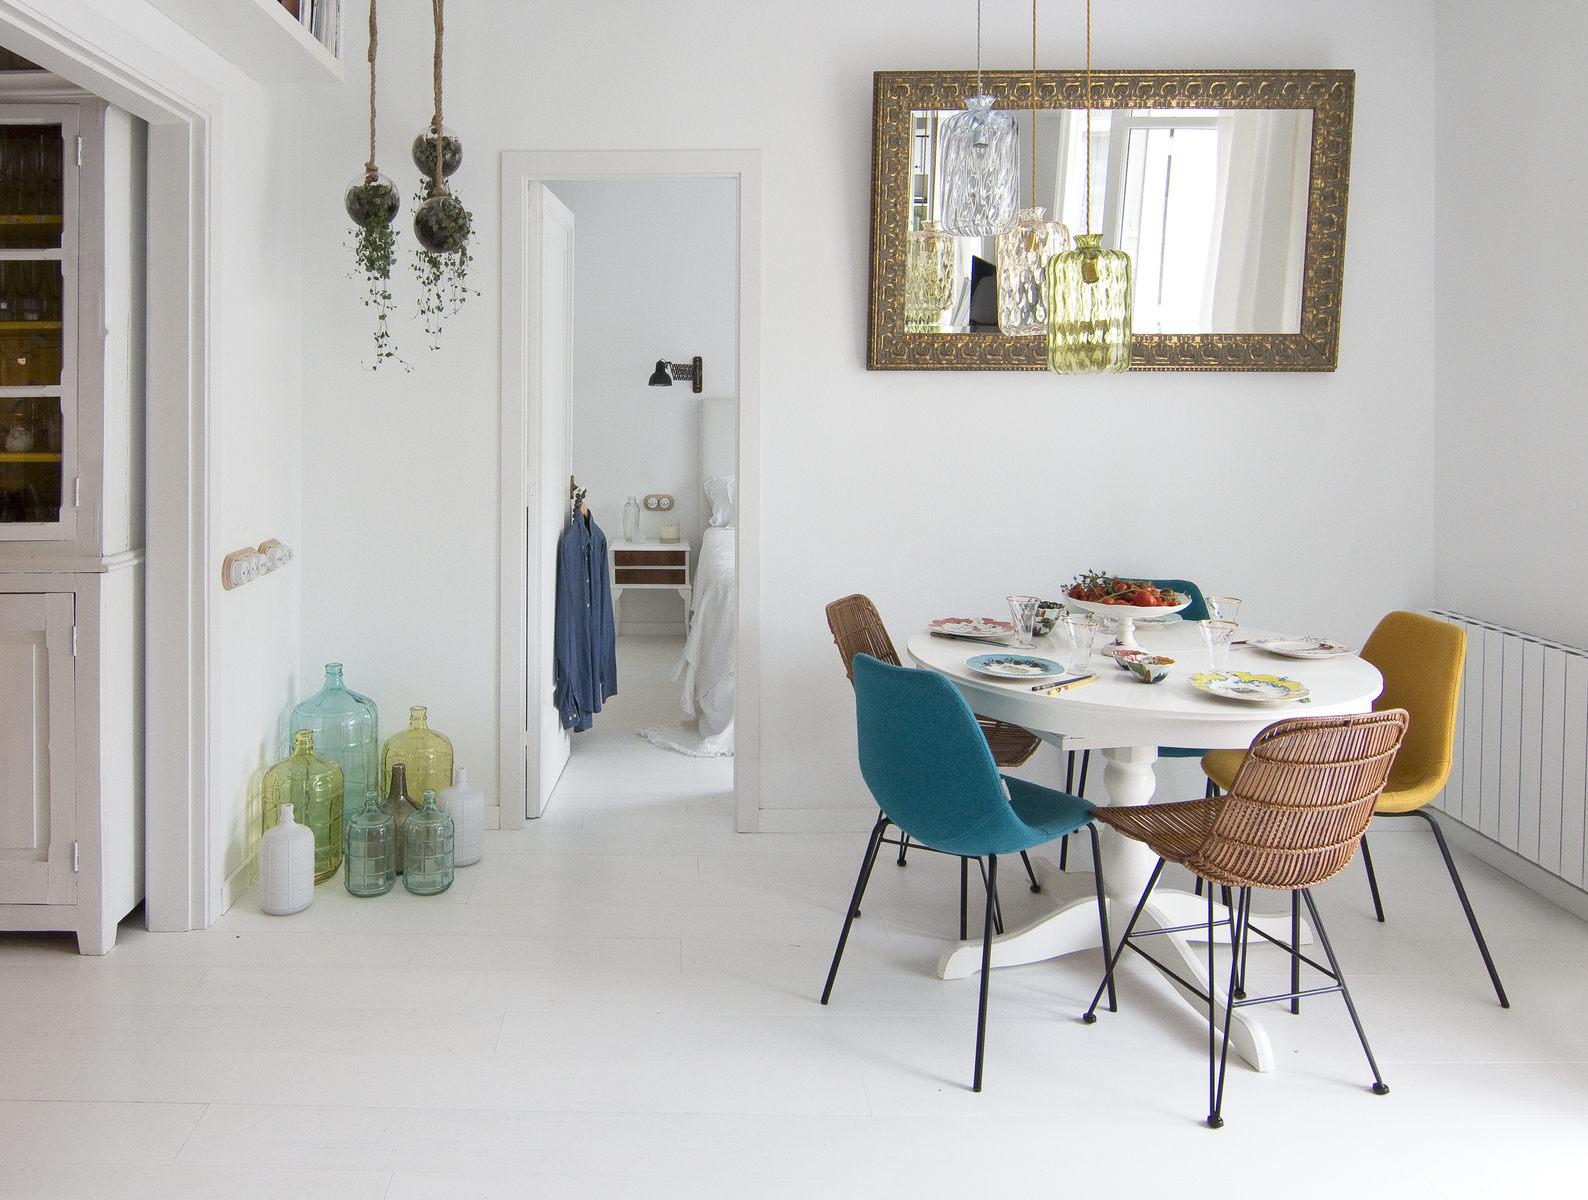 Vivienda c amig barcelona espacio en blanco - Espacio en blanco ...